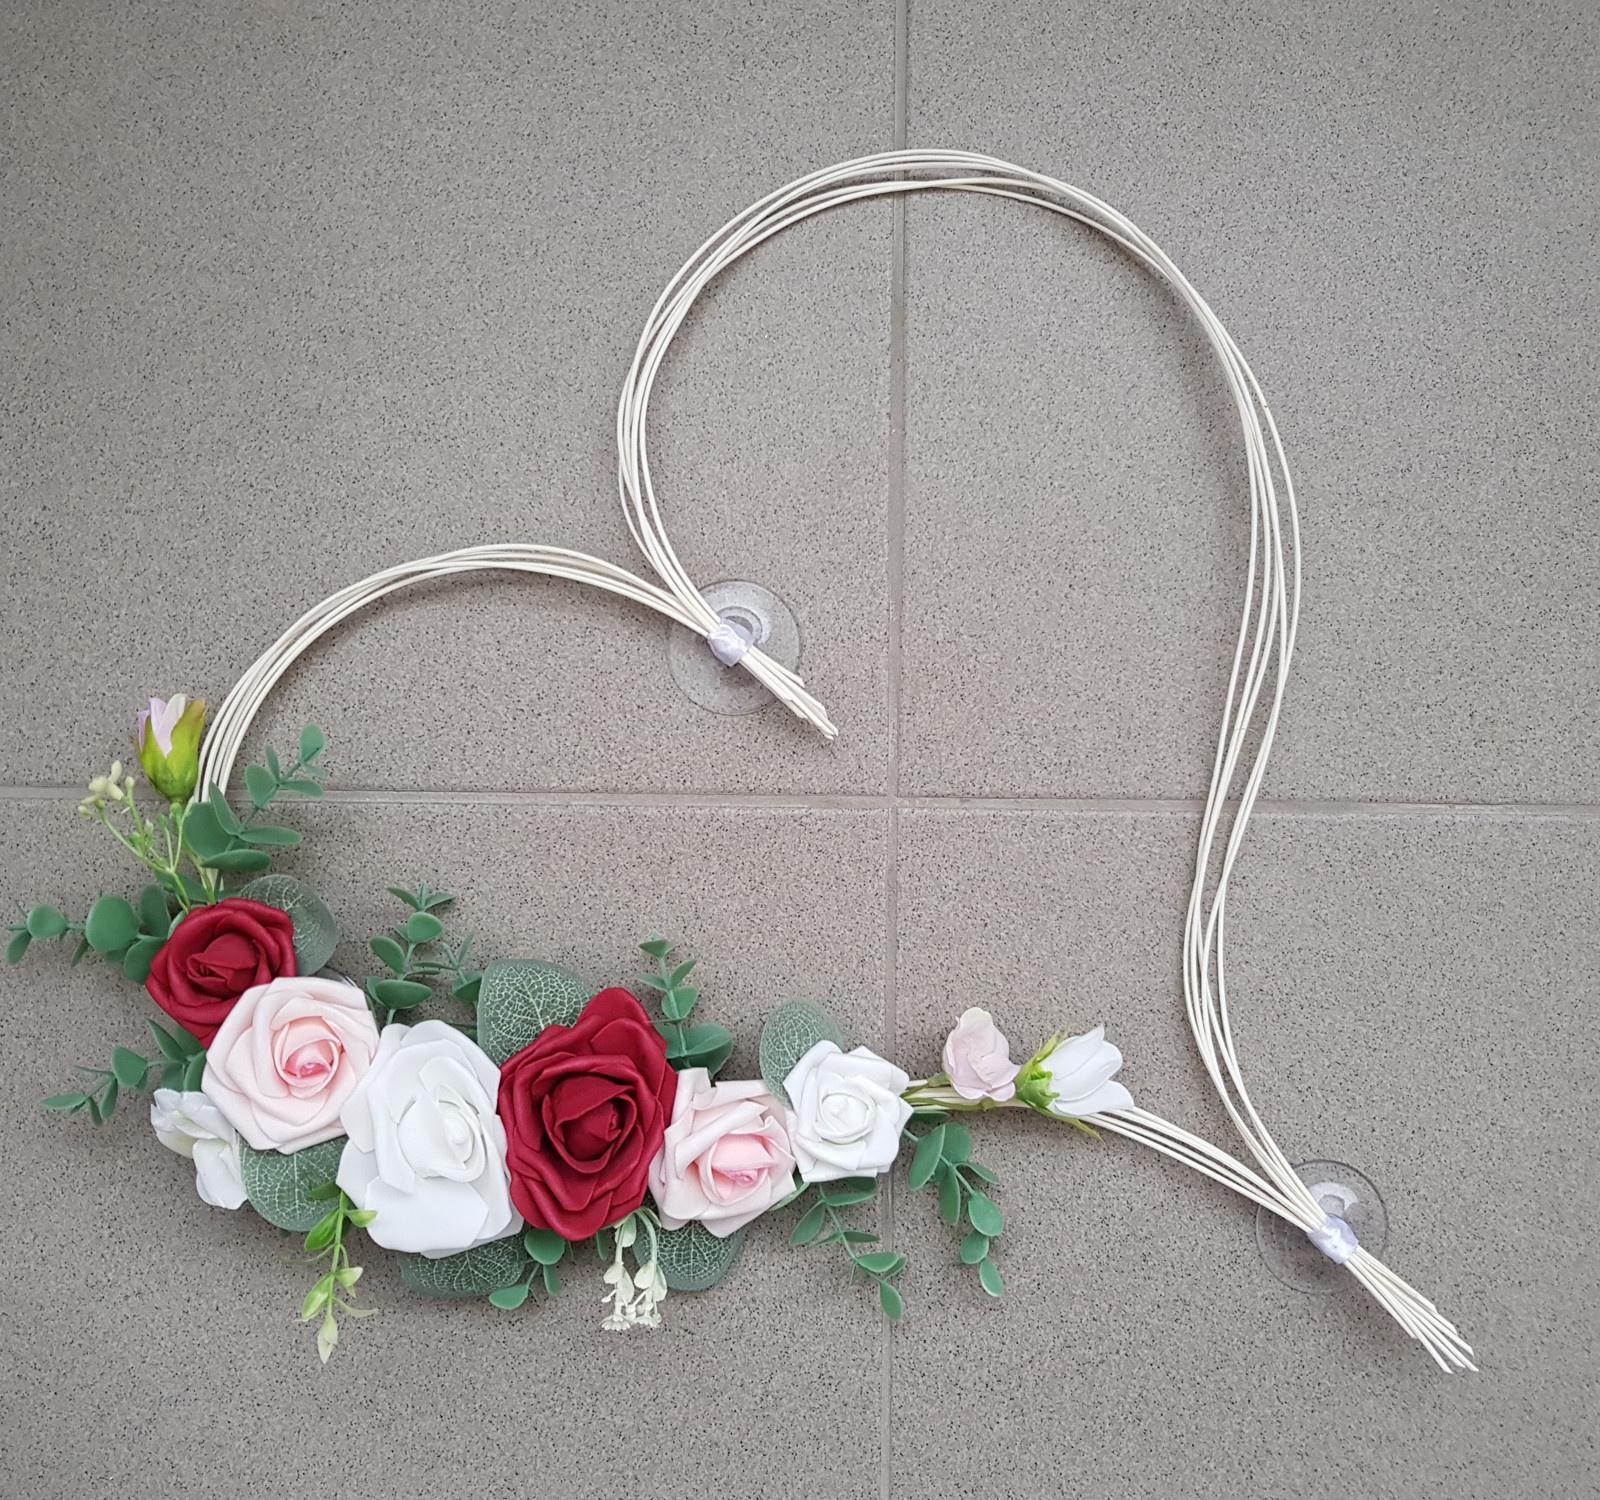 Srdce na kapotu bílá, vínová a růžová - Obrázek č. 1